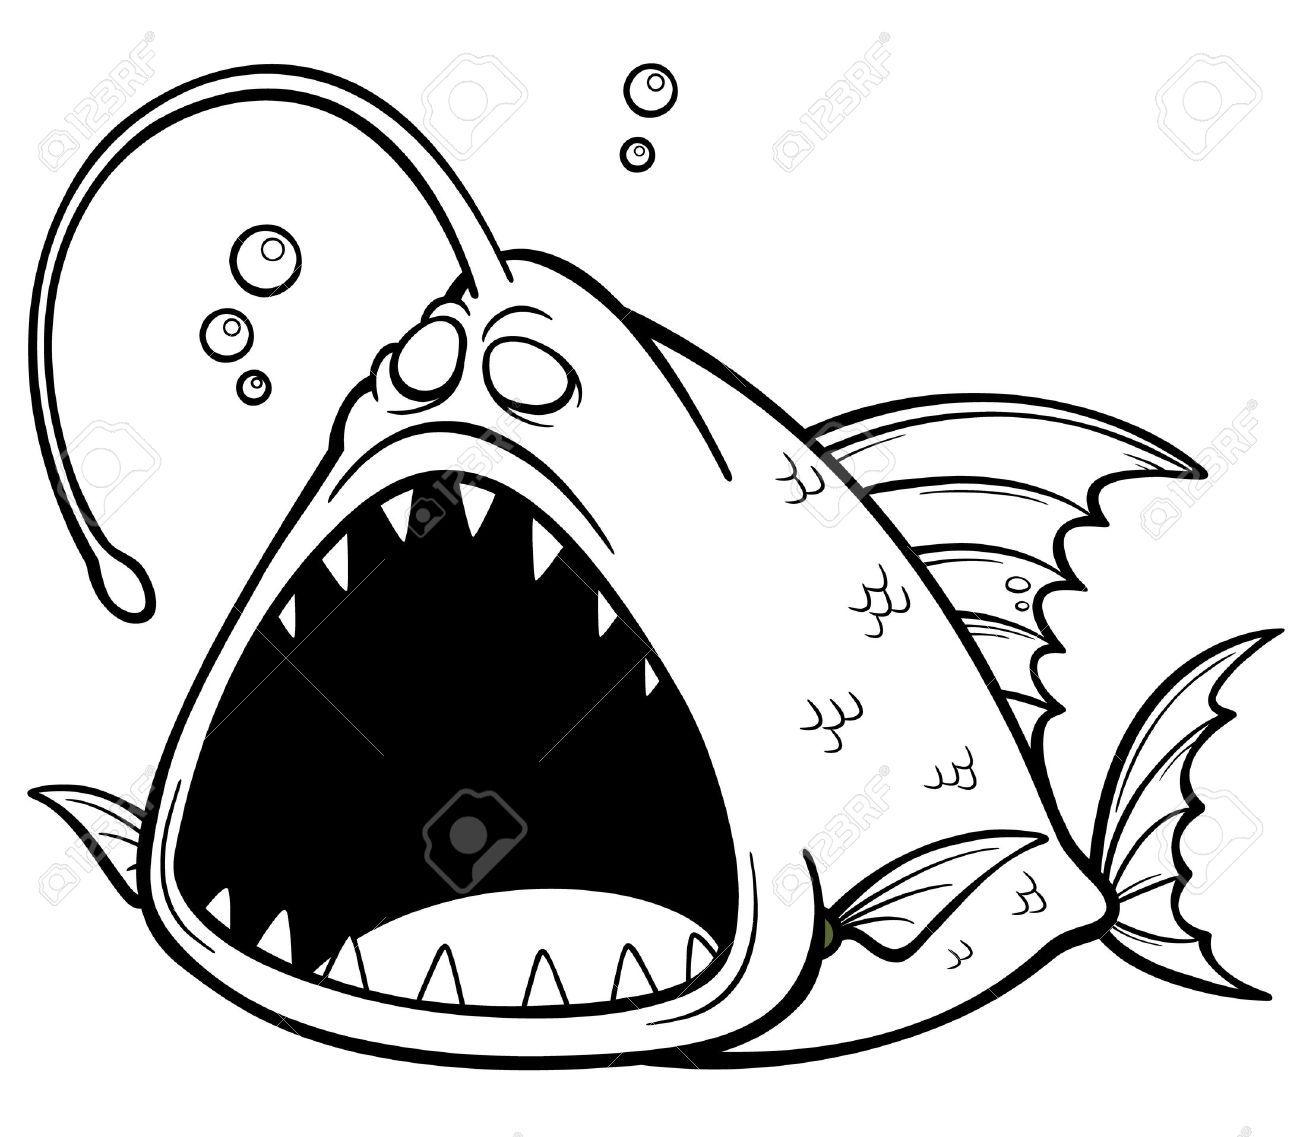 Ilustración Vectorial De Dibujos Animados De Pescado Enojado - Libro ...